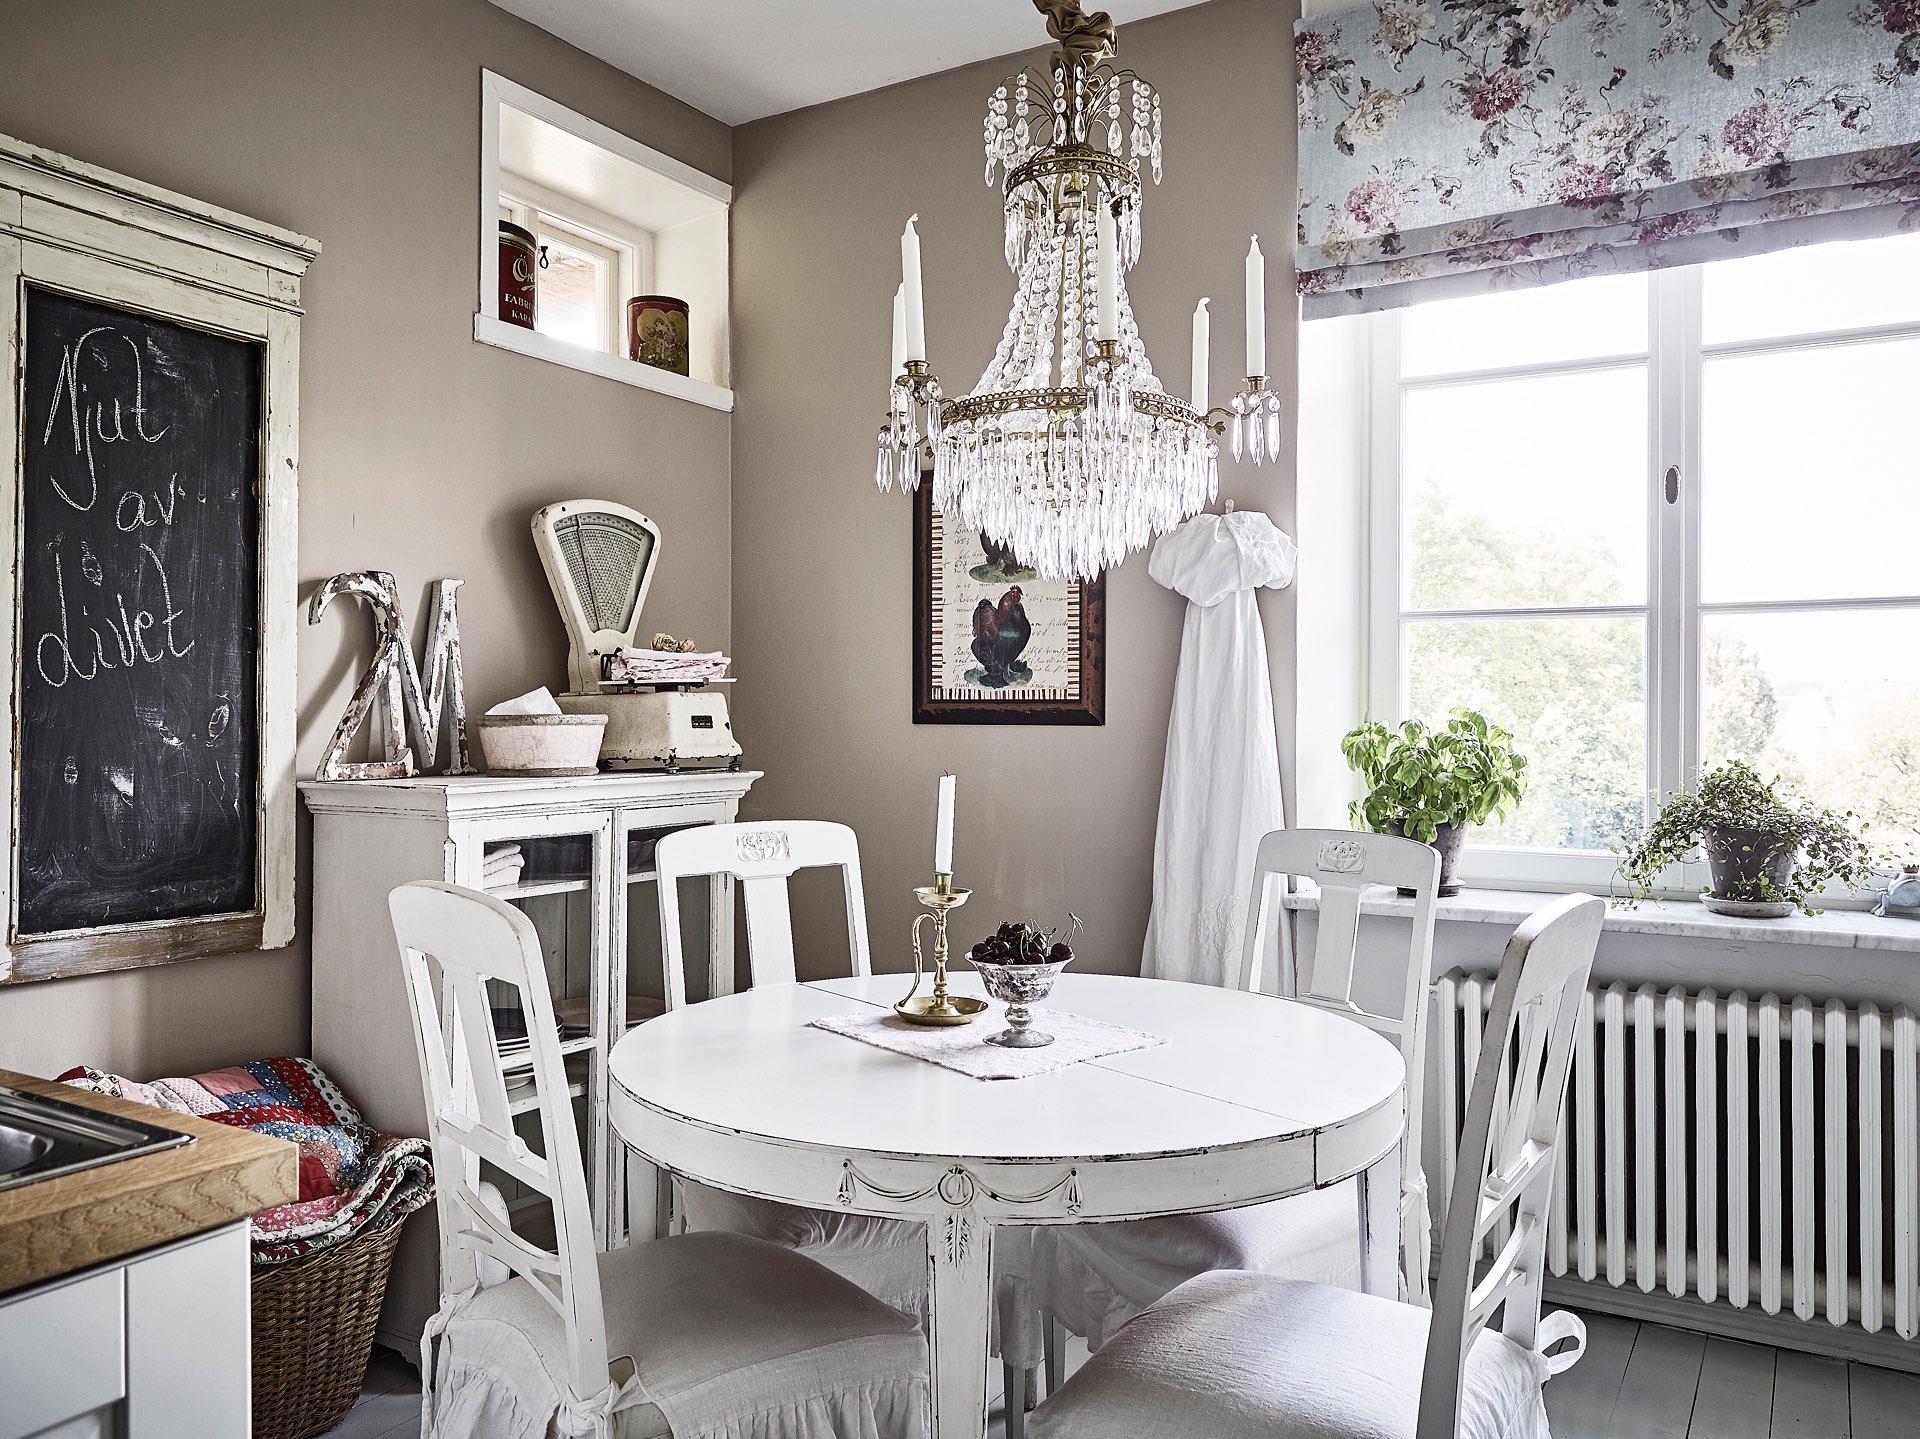 винтаж кухня обеденный круглый стол стулья